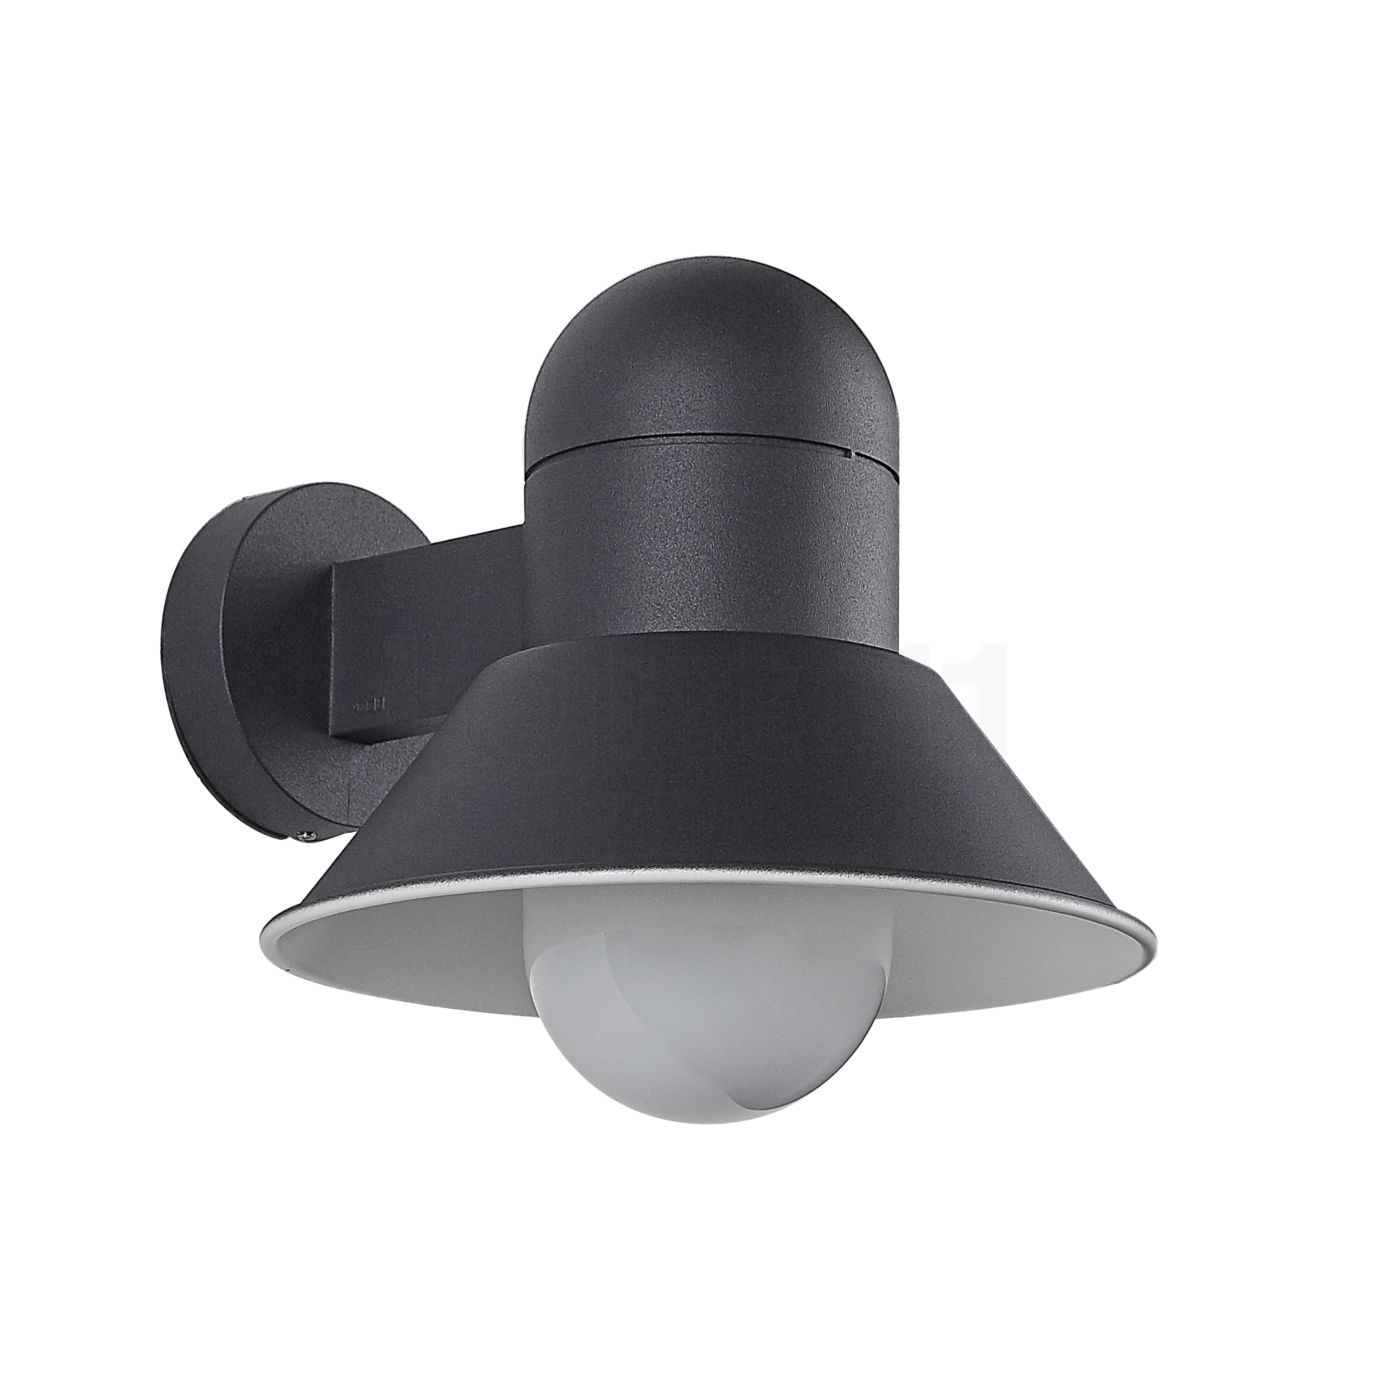 Bega 66290 wall light halo wall lights buy at